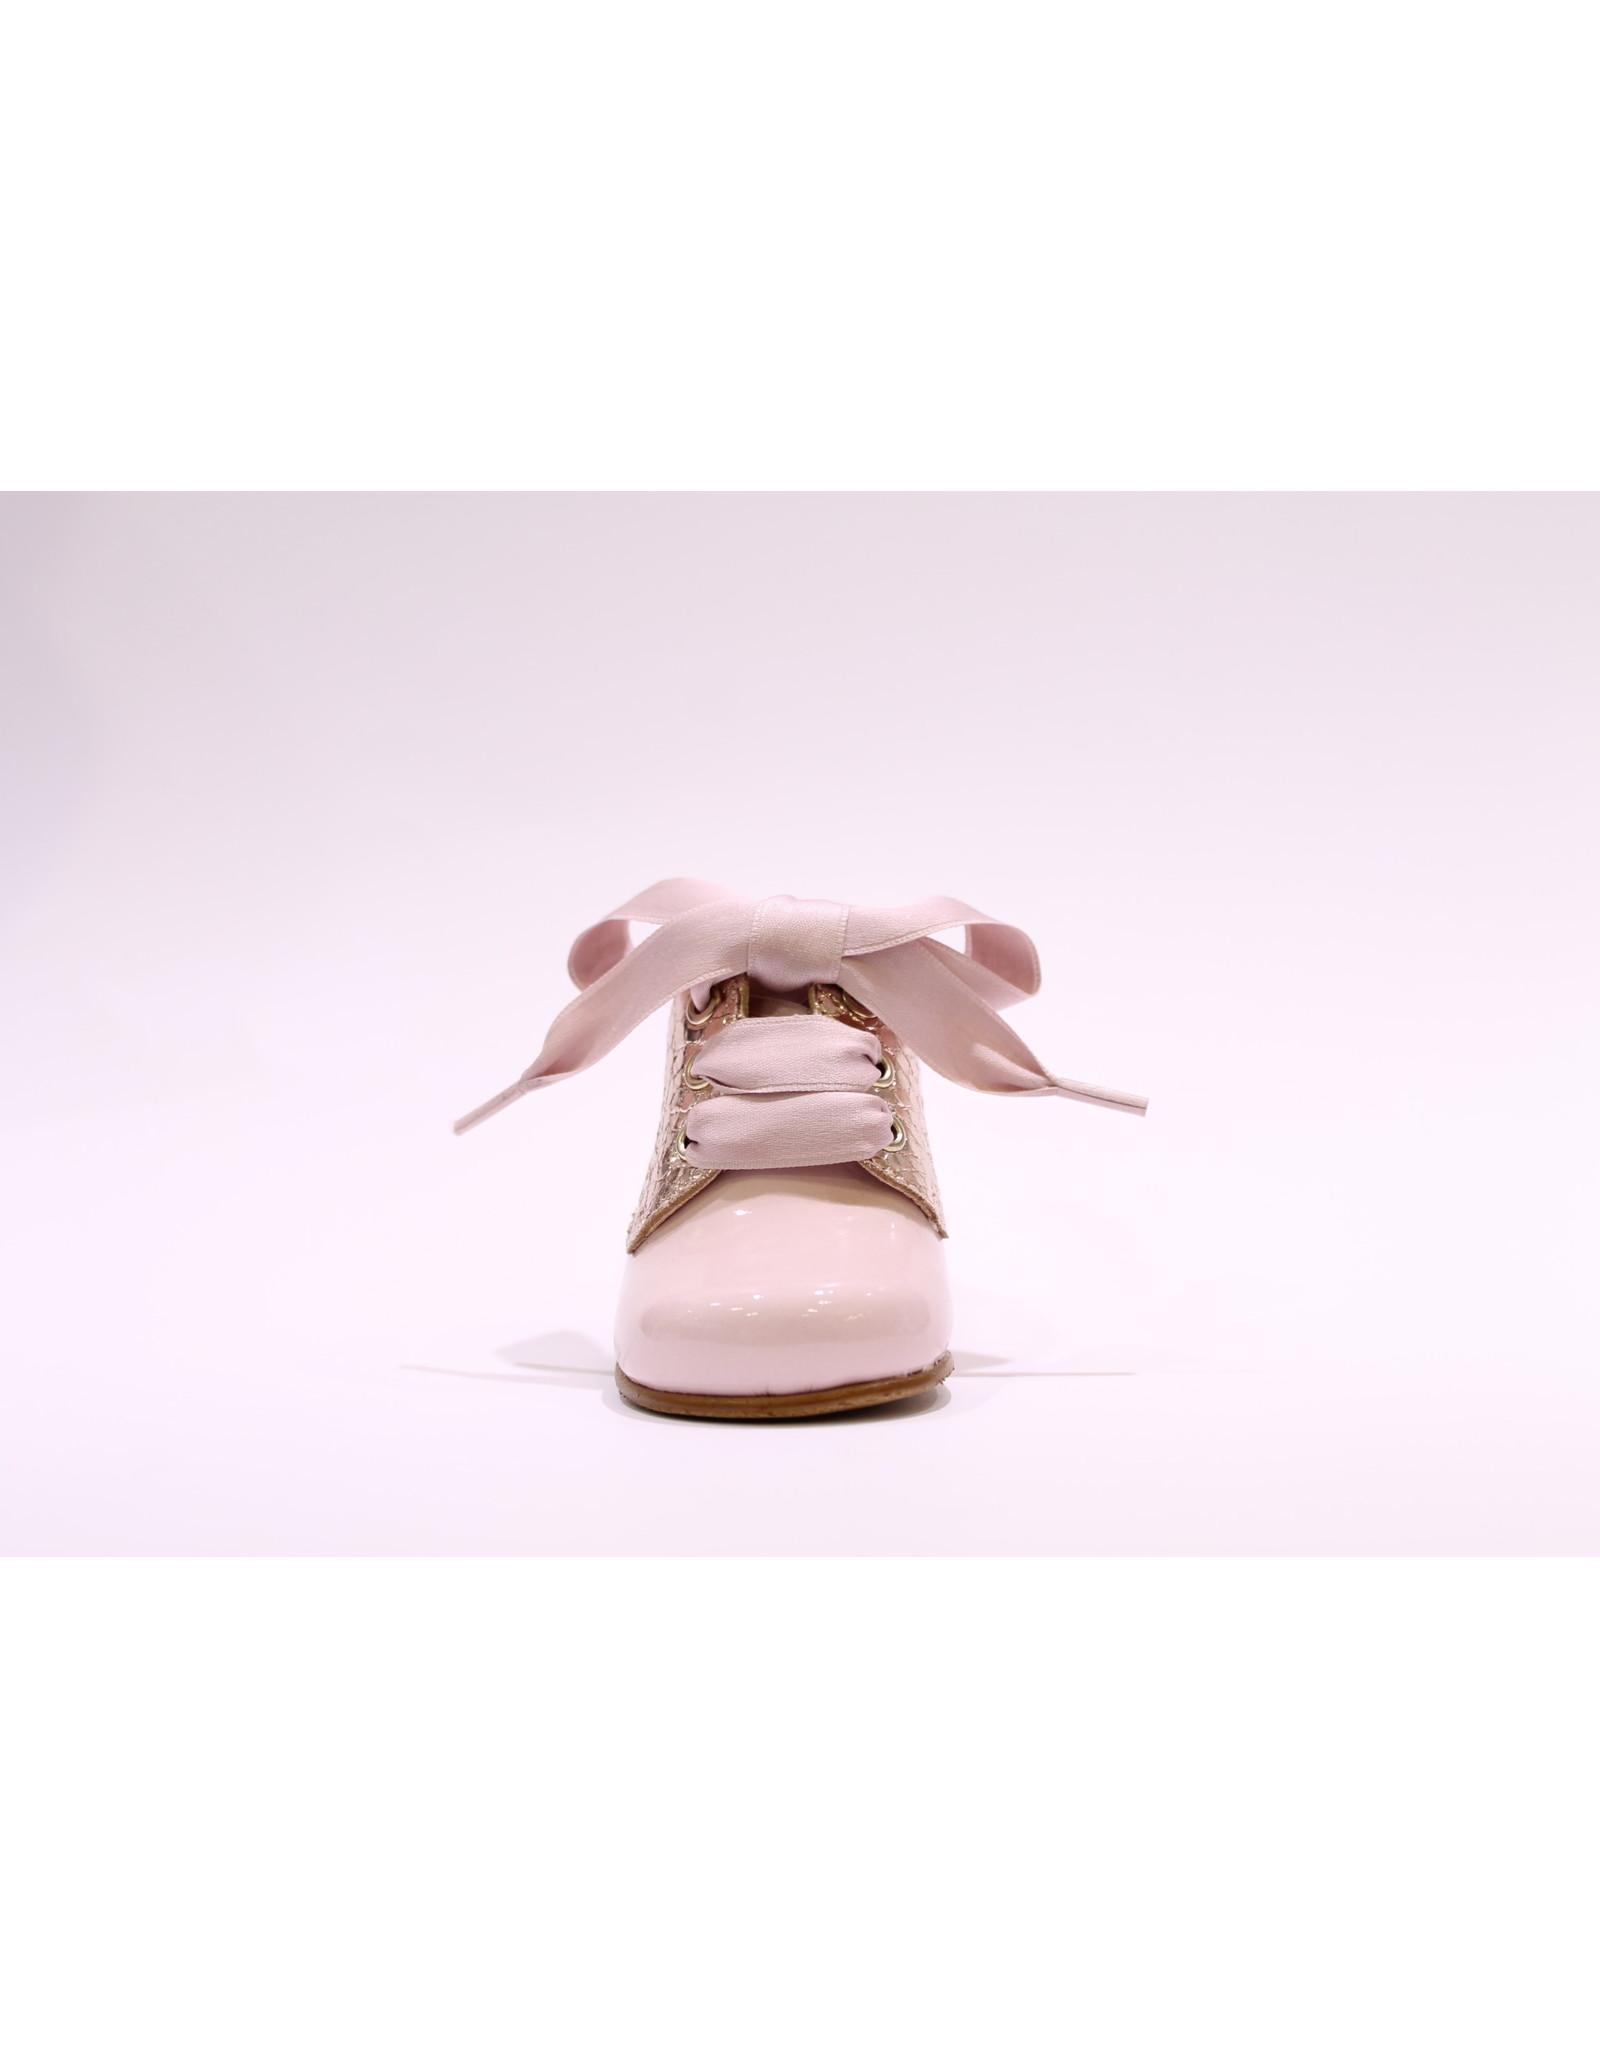 Clarys veterschoentje roze/metallic